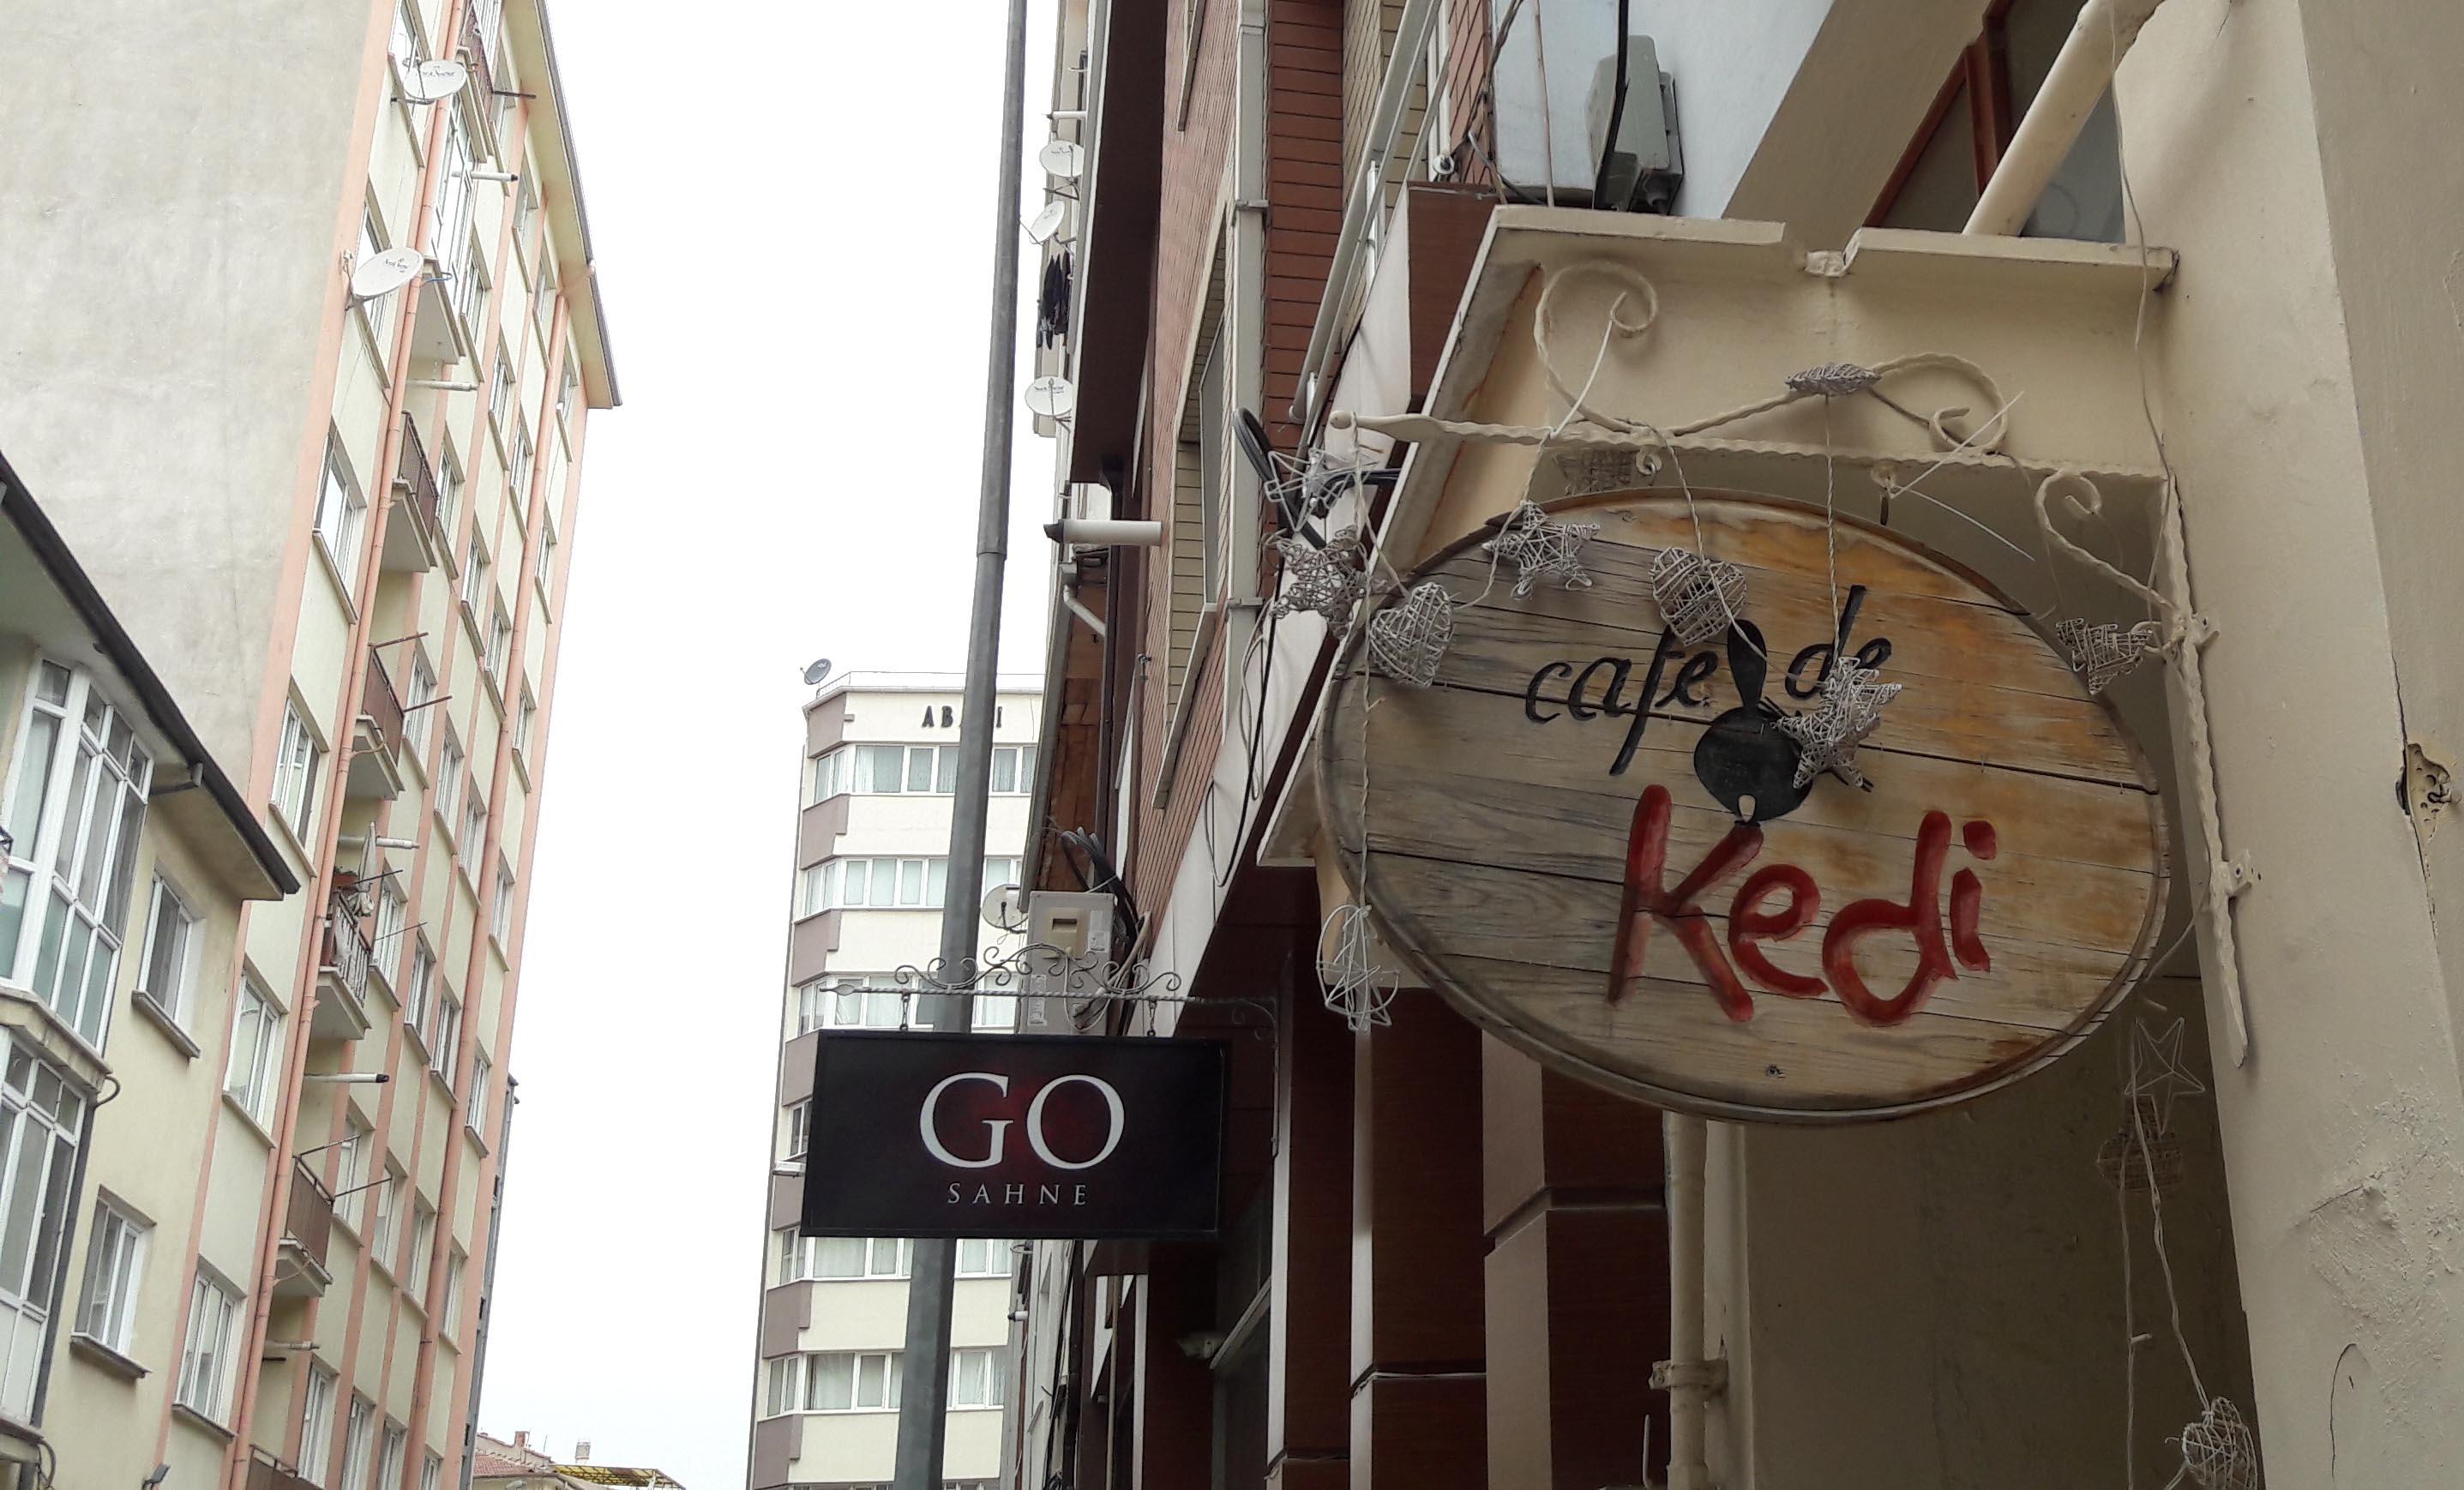 Begüm Kılıç Cafe De Kedi